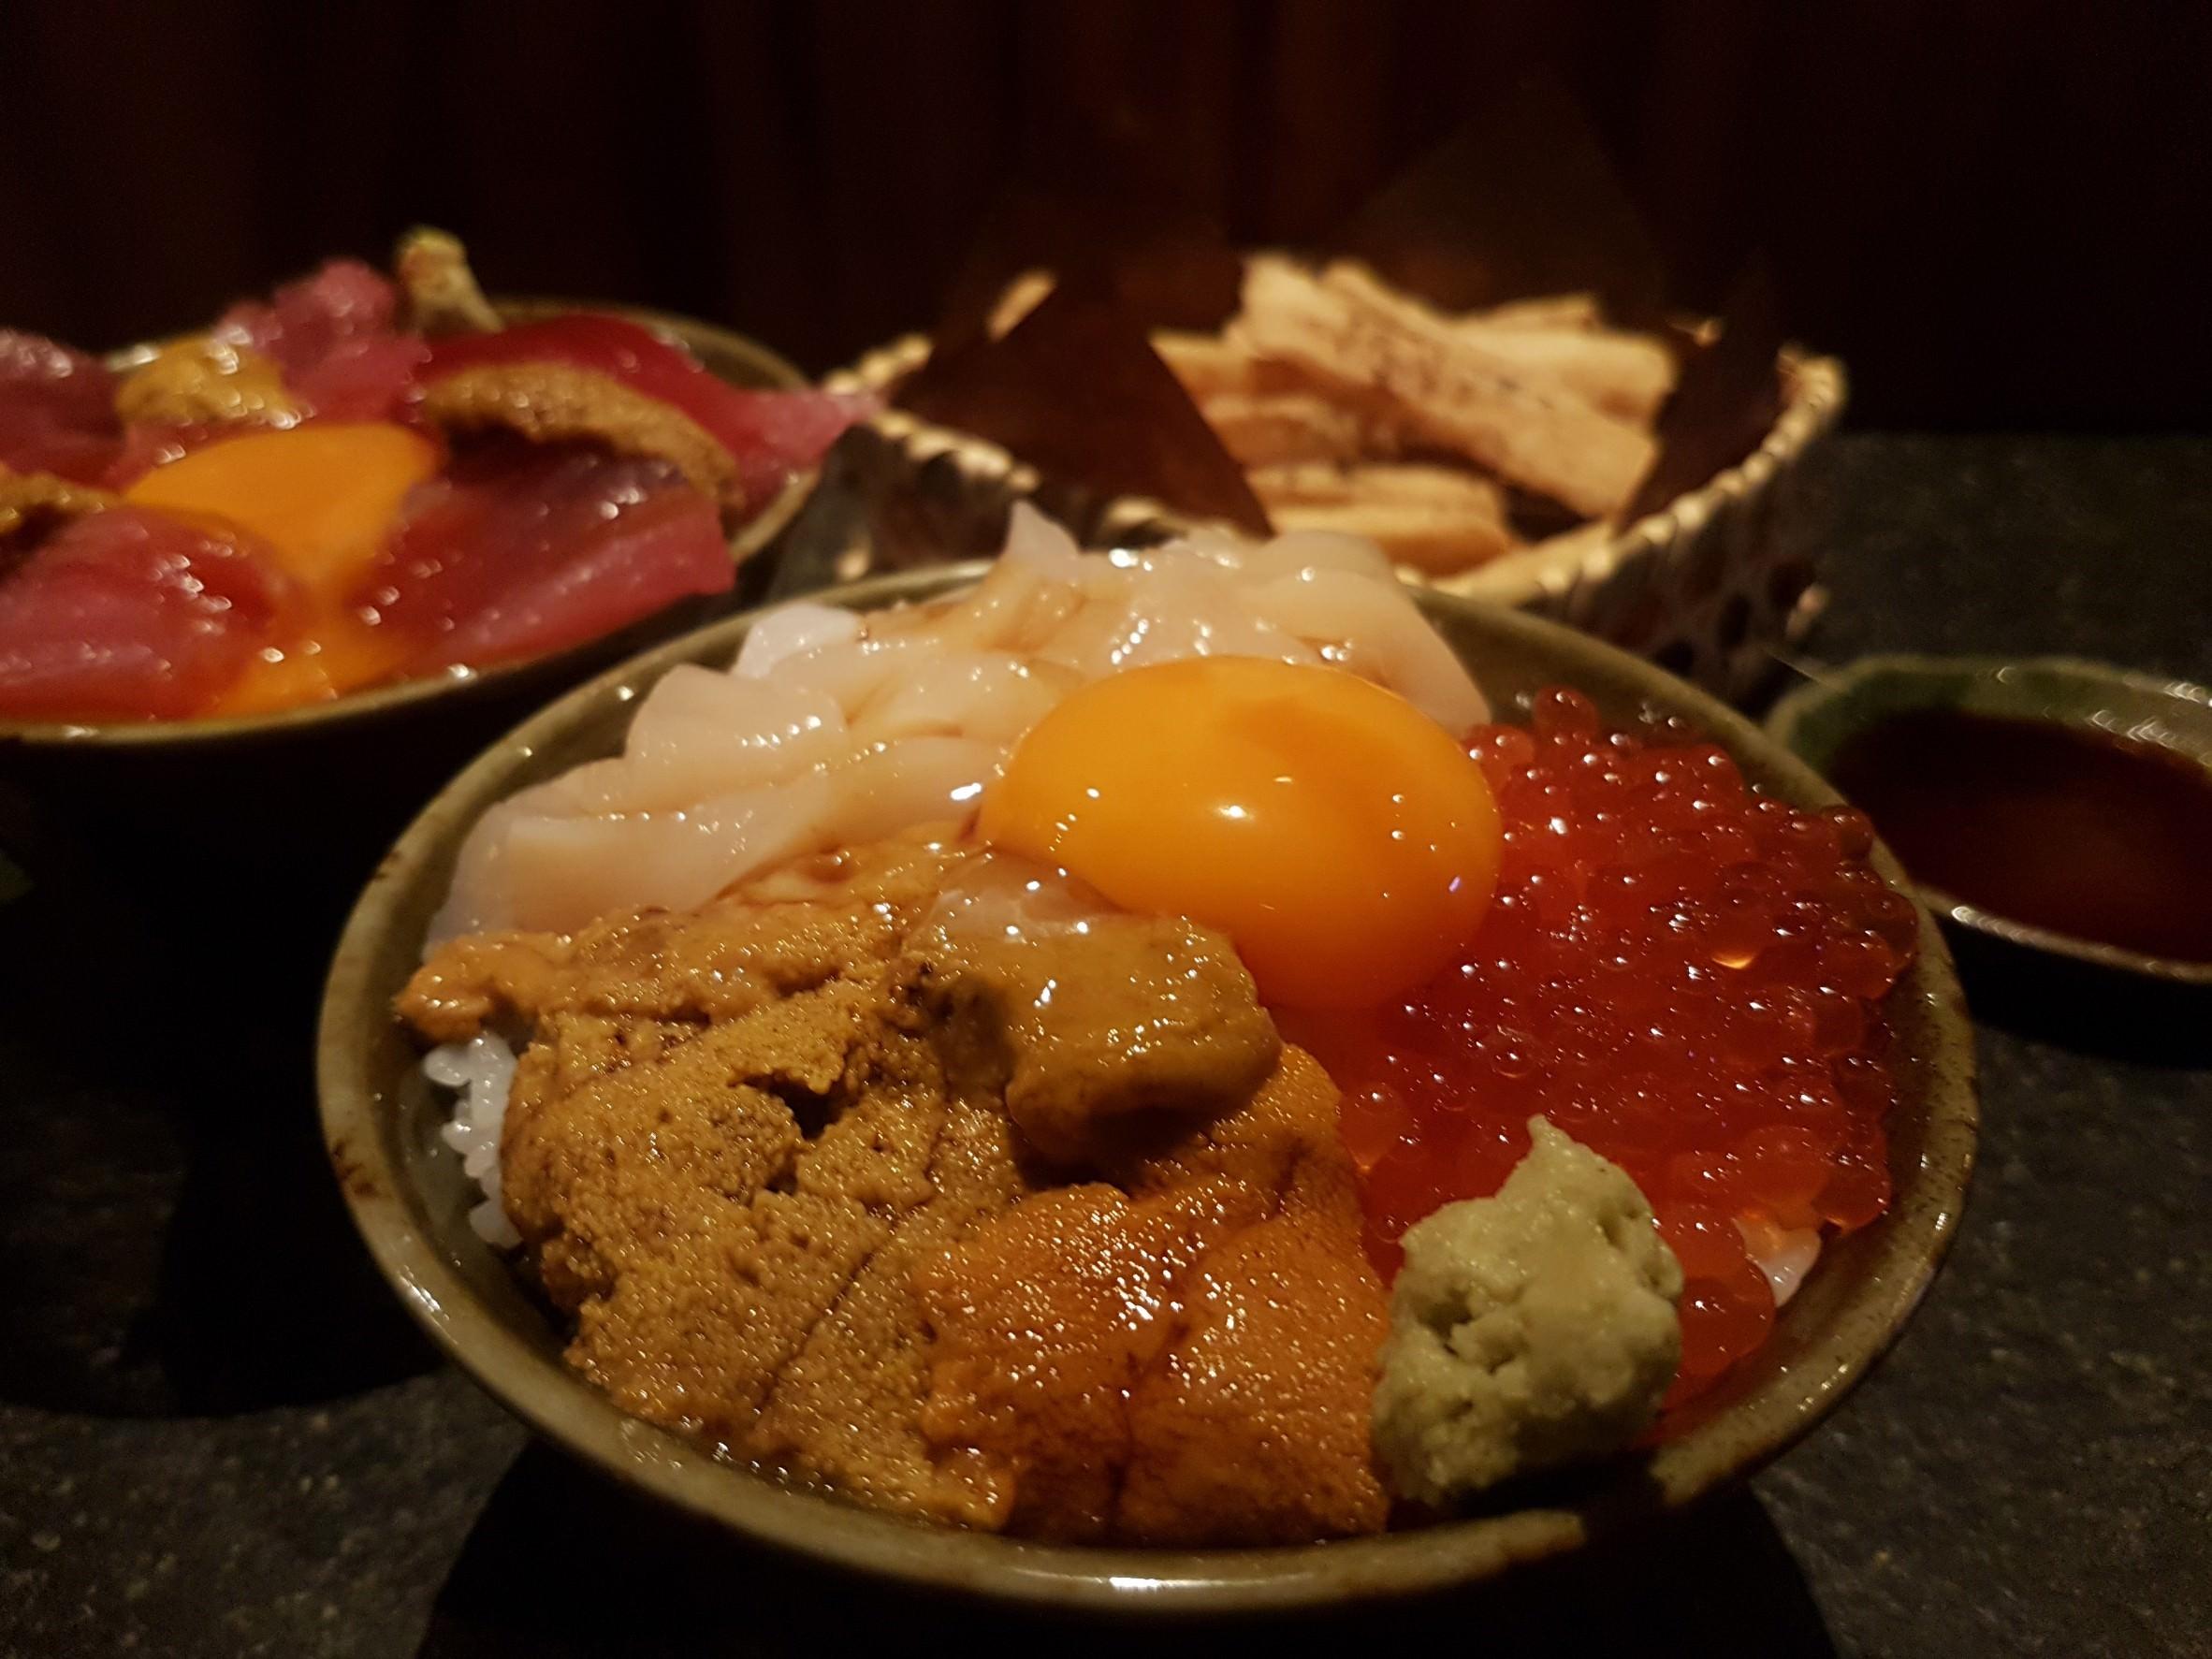 延吉街日本料理 :: 魚君 台北的築地市場!史上最霸氣海膽干貝四色丼華麗登場